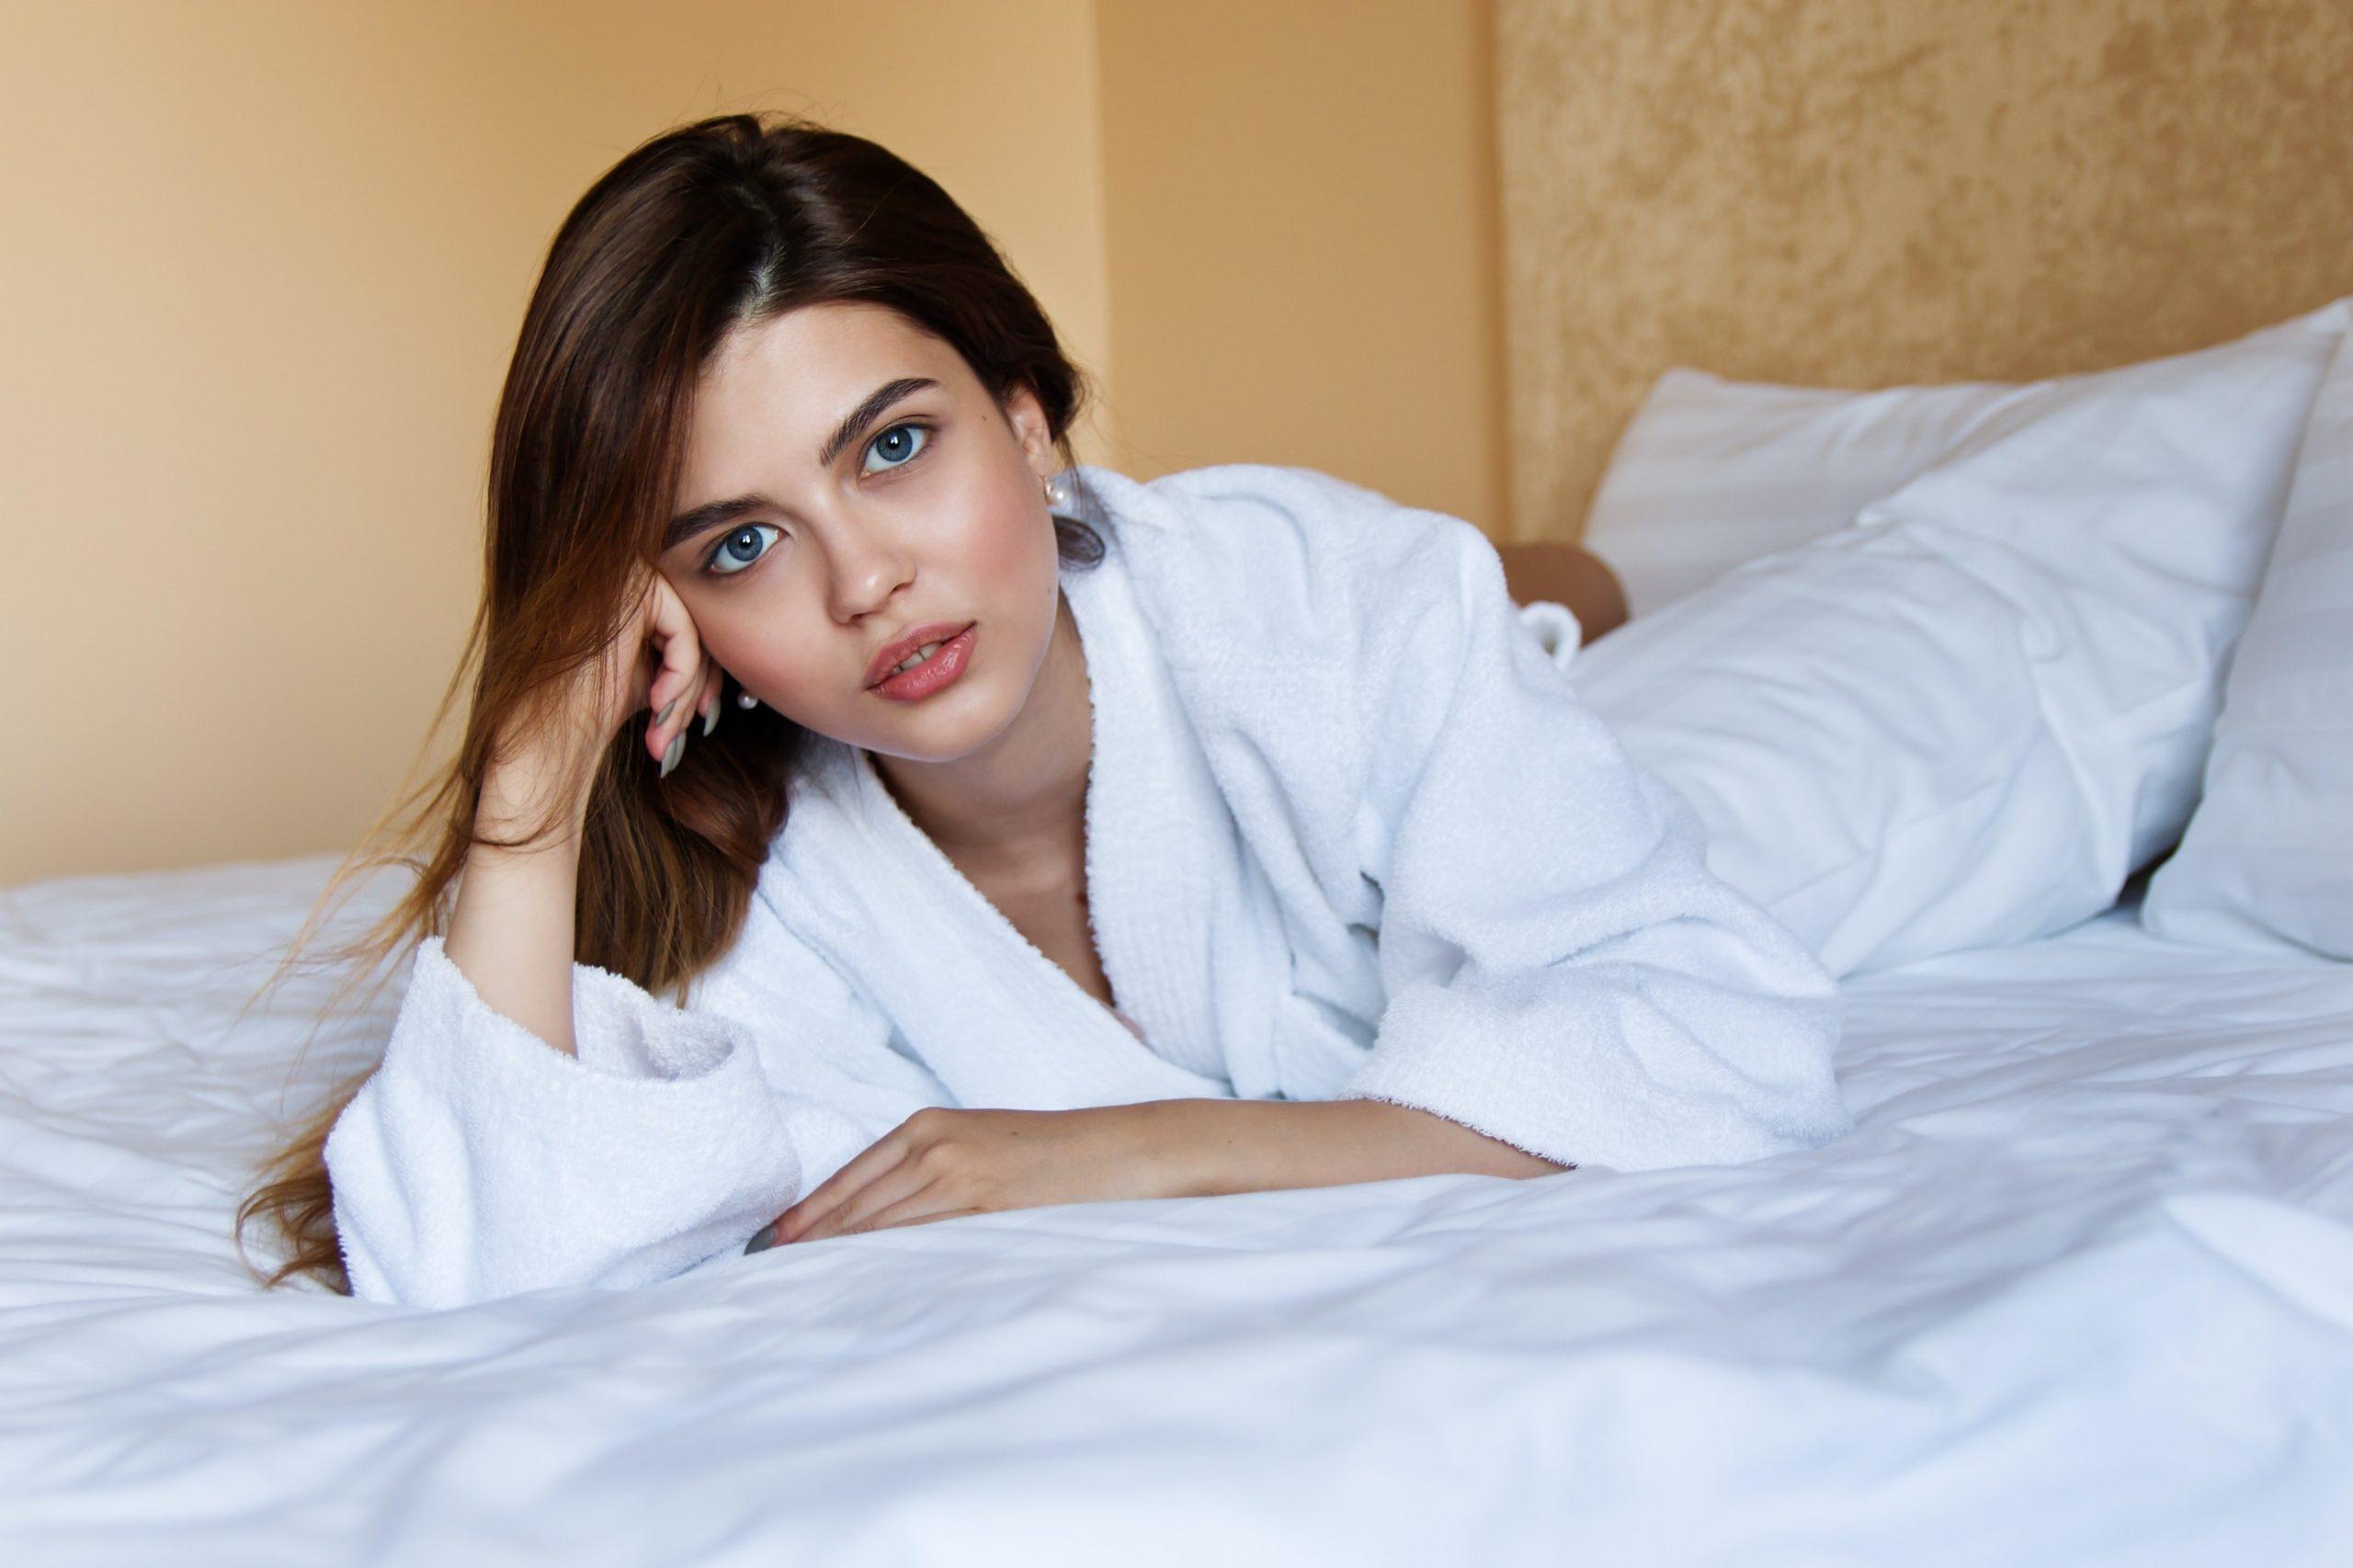 Imagem de uma mulher deitada em uma cama.